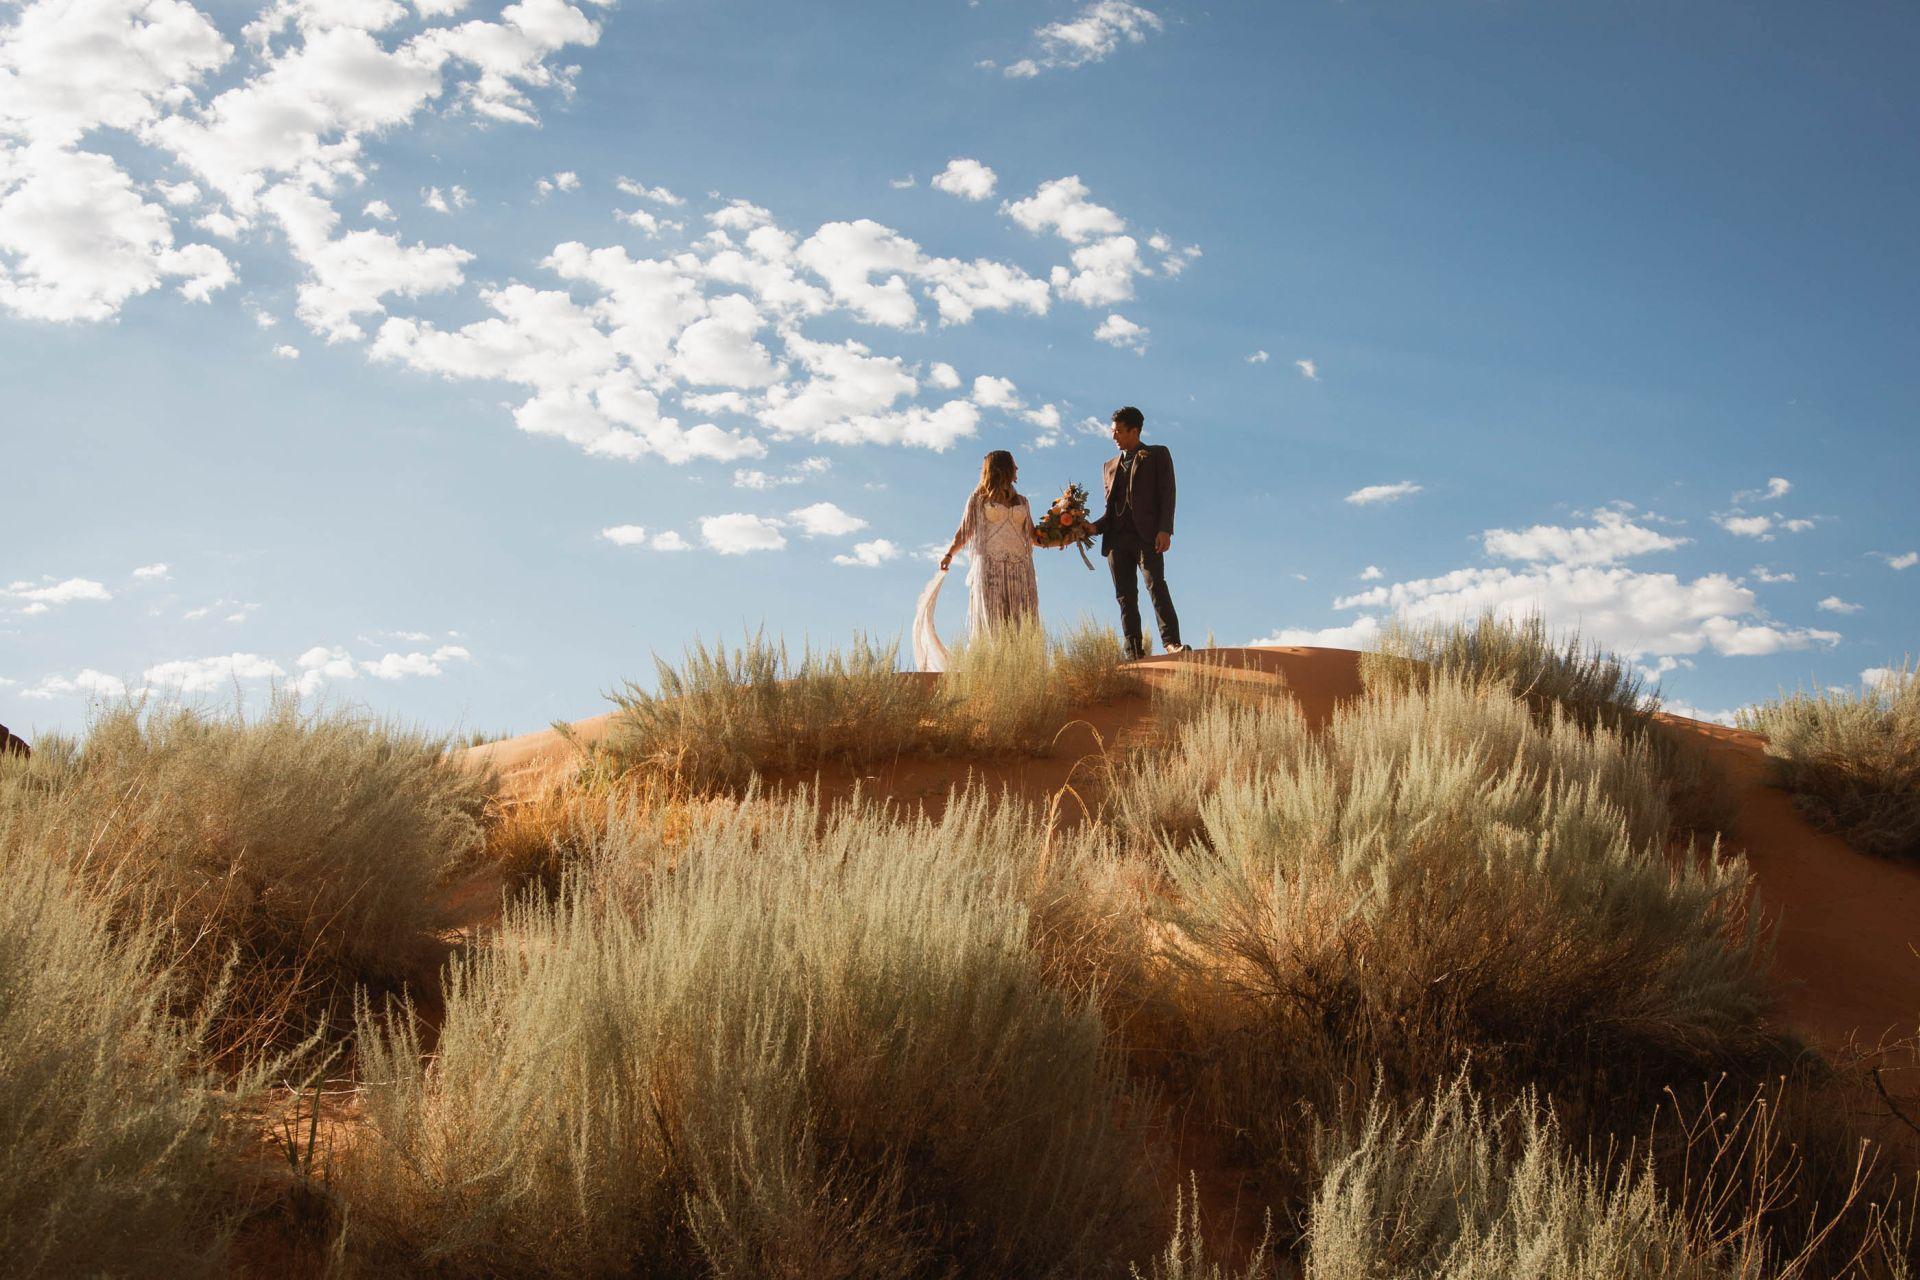 Elopement wedding utah desert - couple on top of sand dune